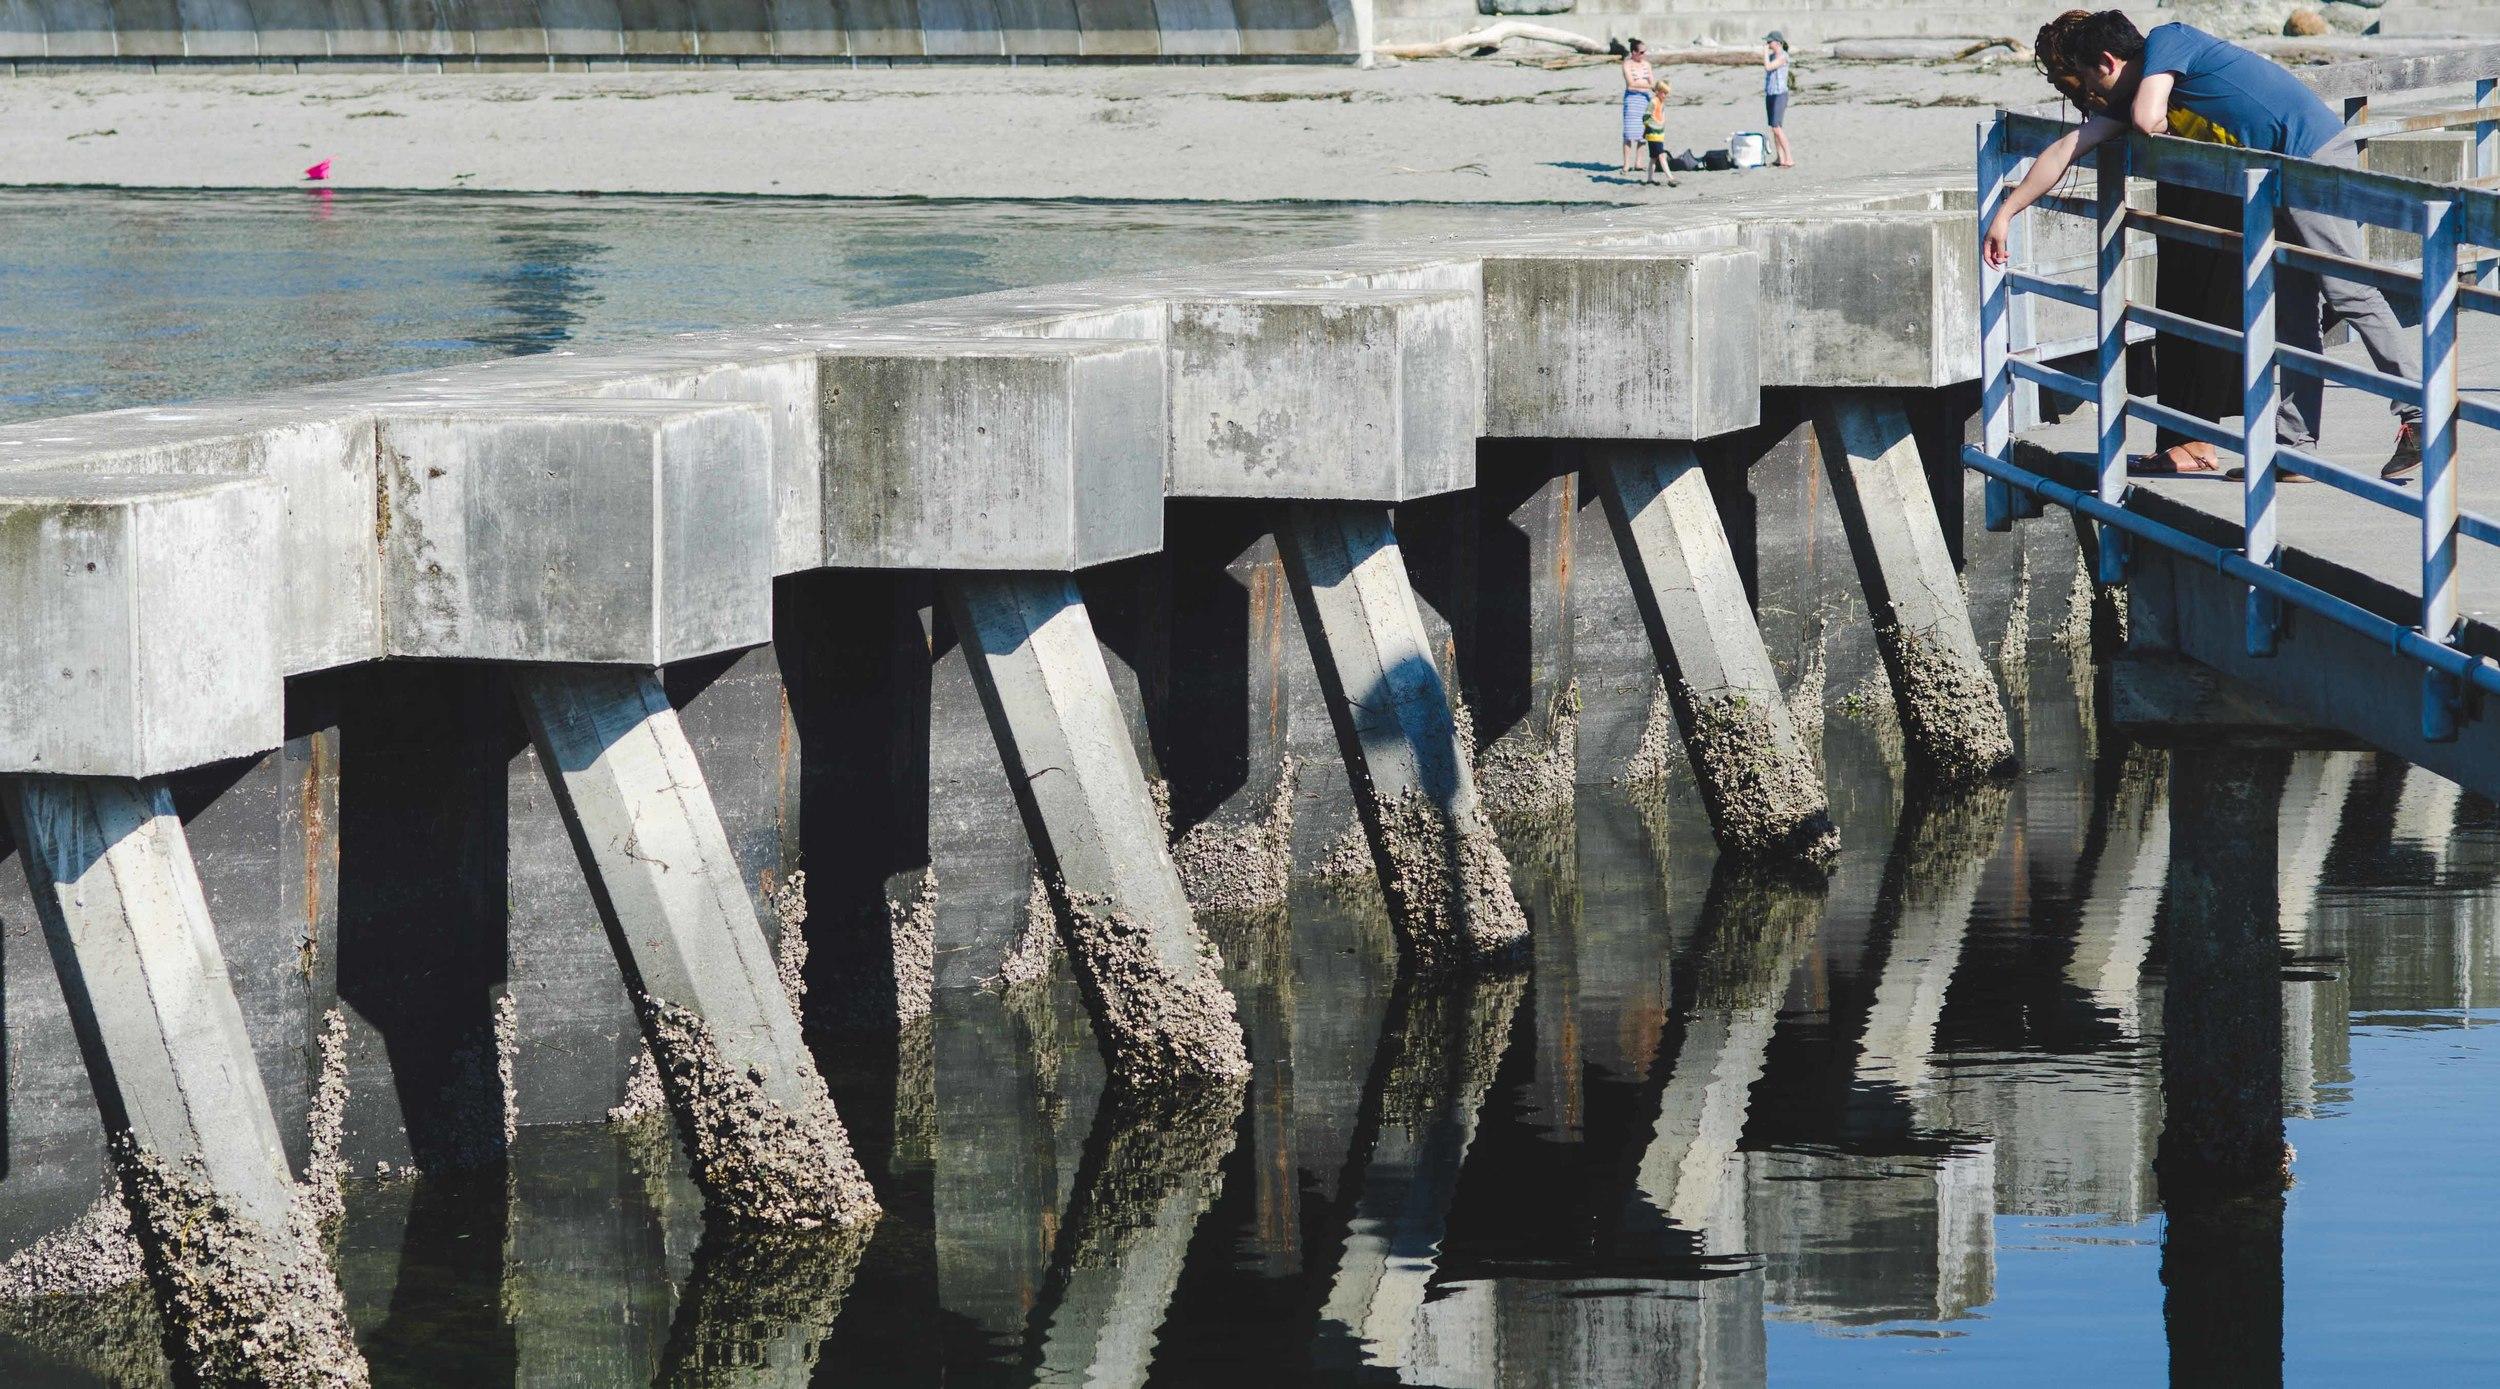 Urchin-encrusted breakwater